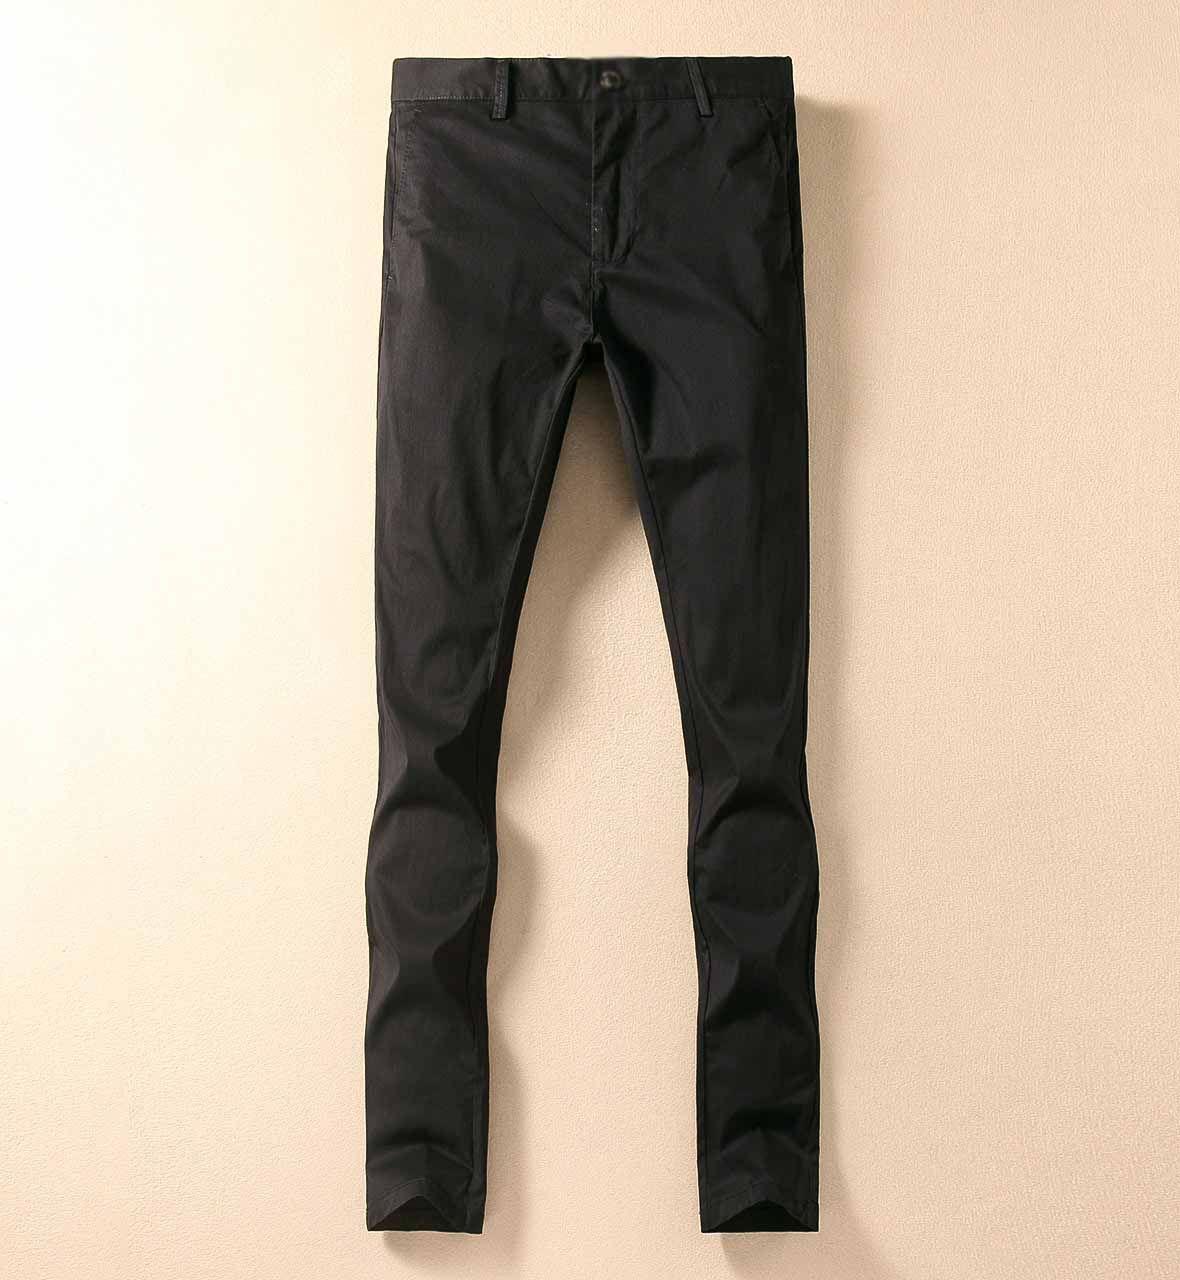 Patronlar marka erkek pantolon tasarımcı kaliteli lüks moda erkek rahat pantolon sokak spor gündelik rüzgar moda klasik erkek pantolon